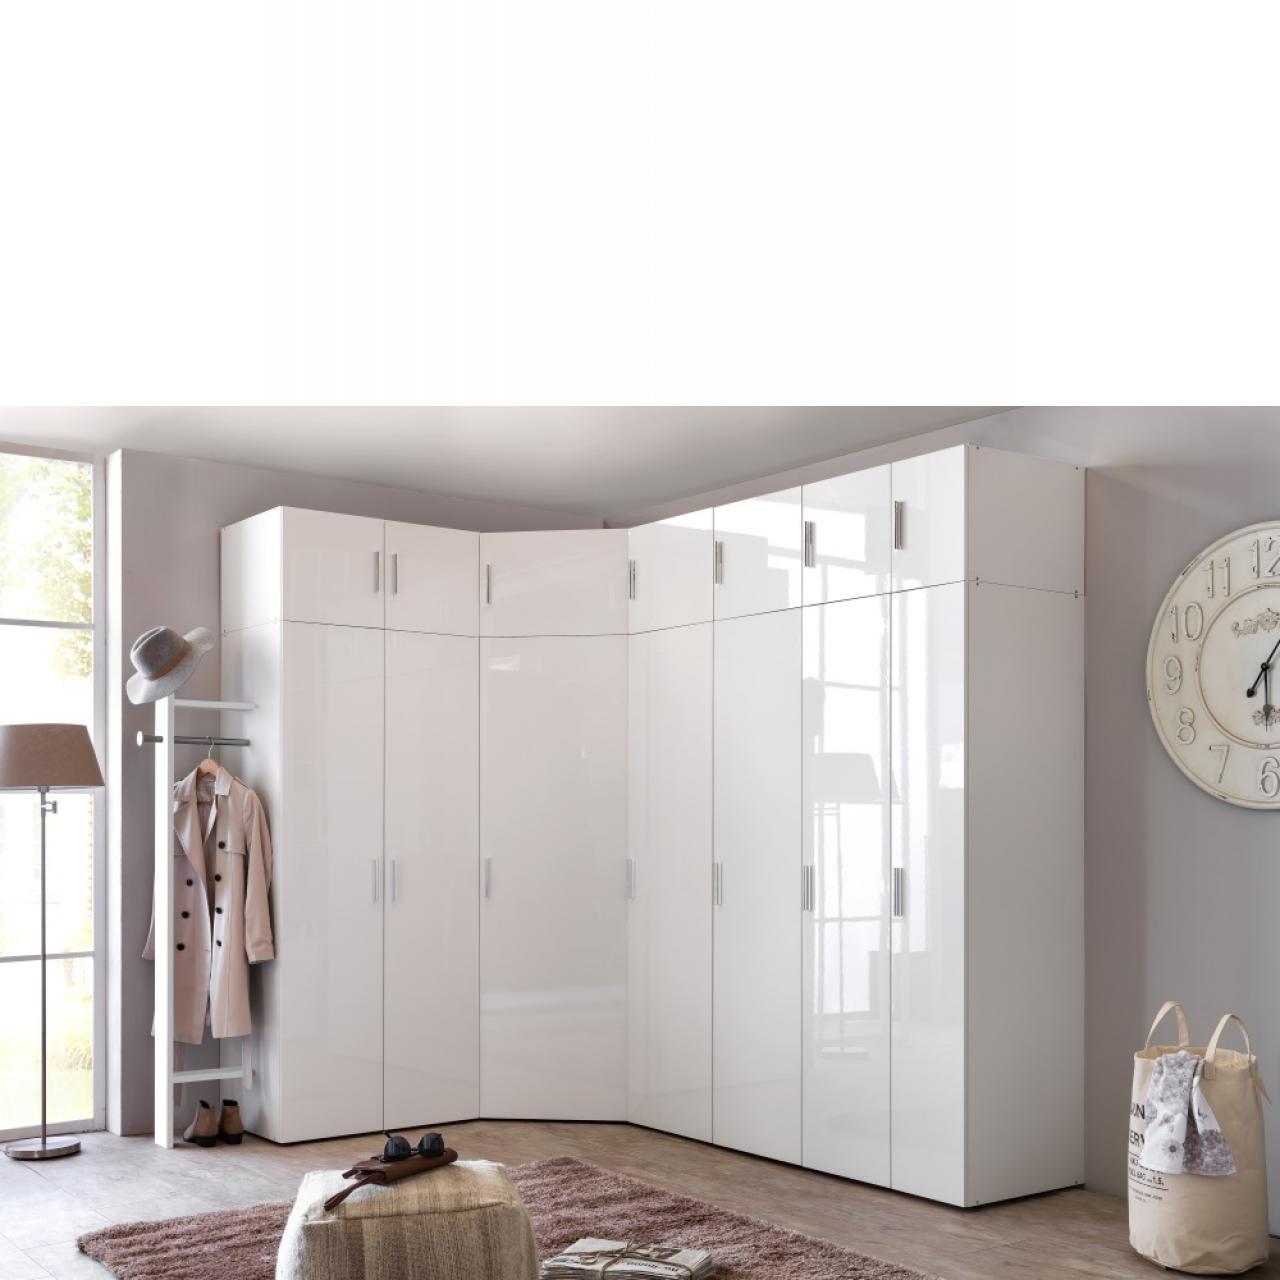 atemberaubend kleiderschrank ecke fotos die besten wohnideen. Black Bedroom Furniture Sets. Home Design Ideas